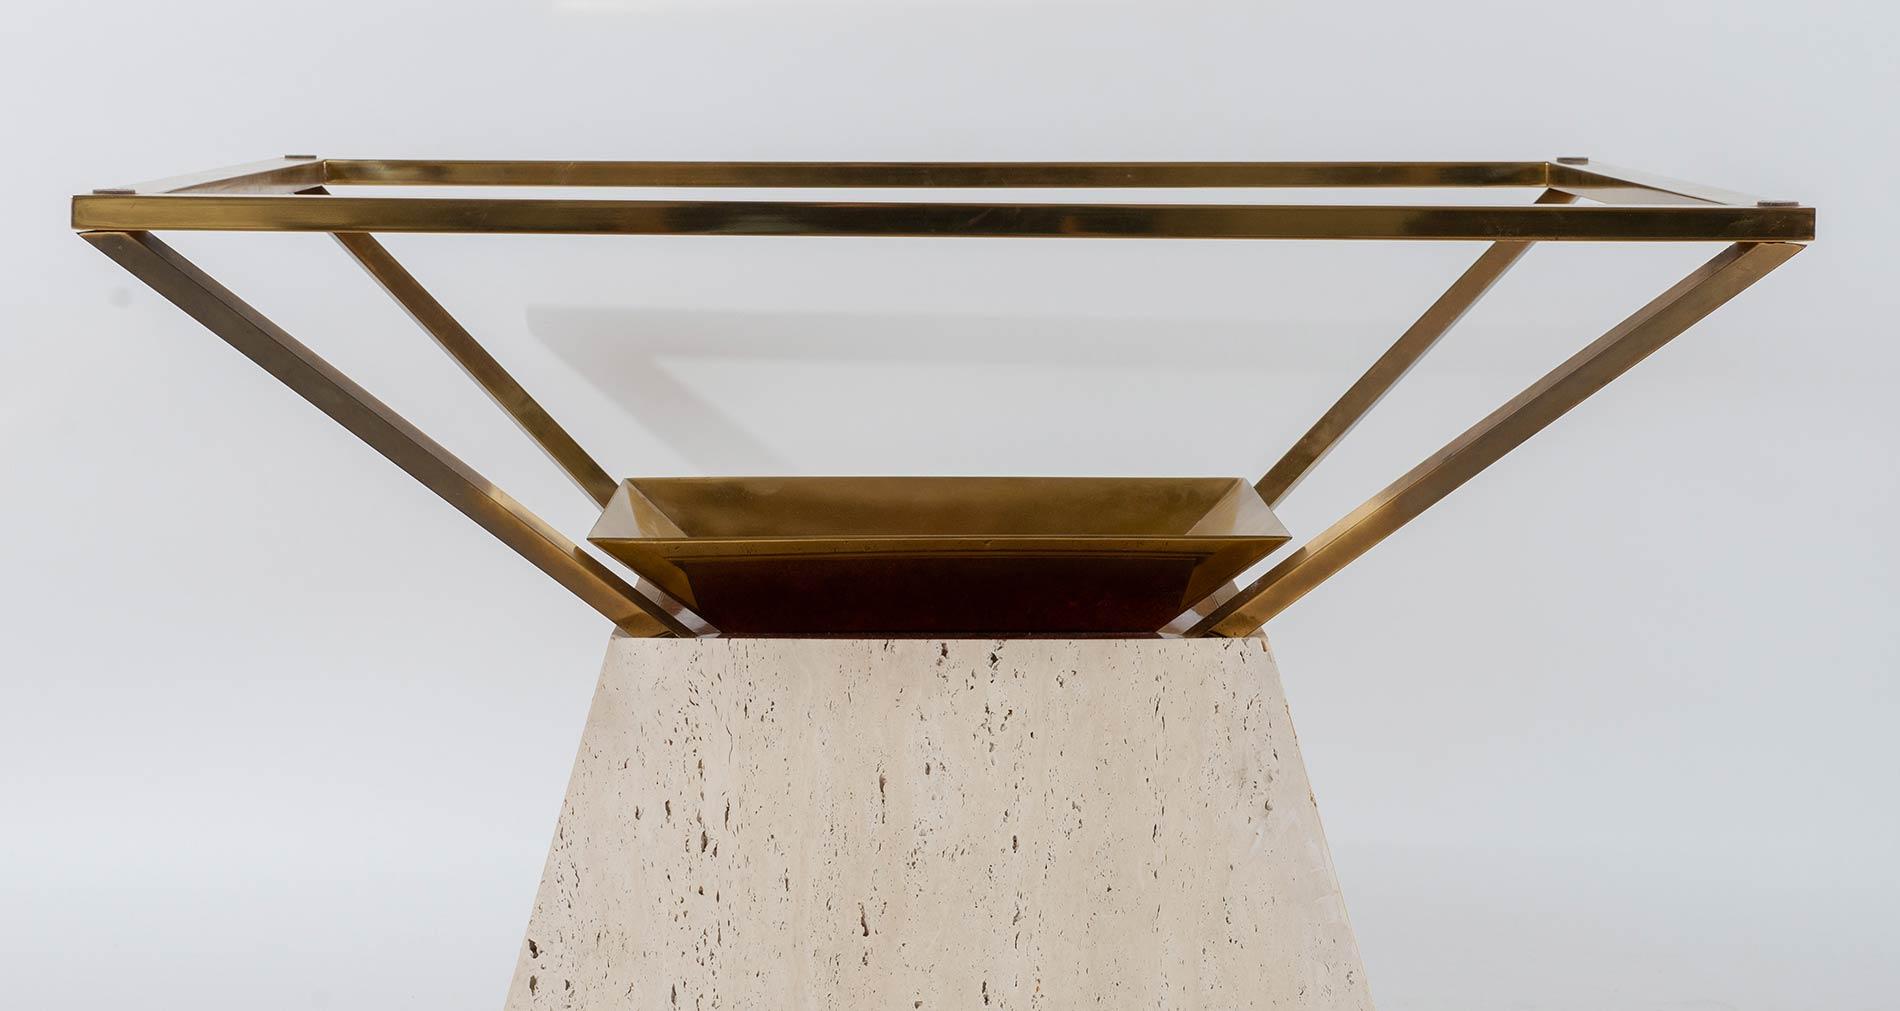 Base di tavolo tronco-piramidale, Manifattura Italiana - Anni '70. - Image 2 of 2